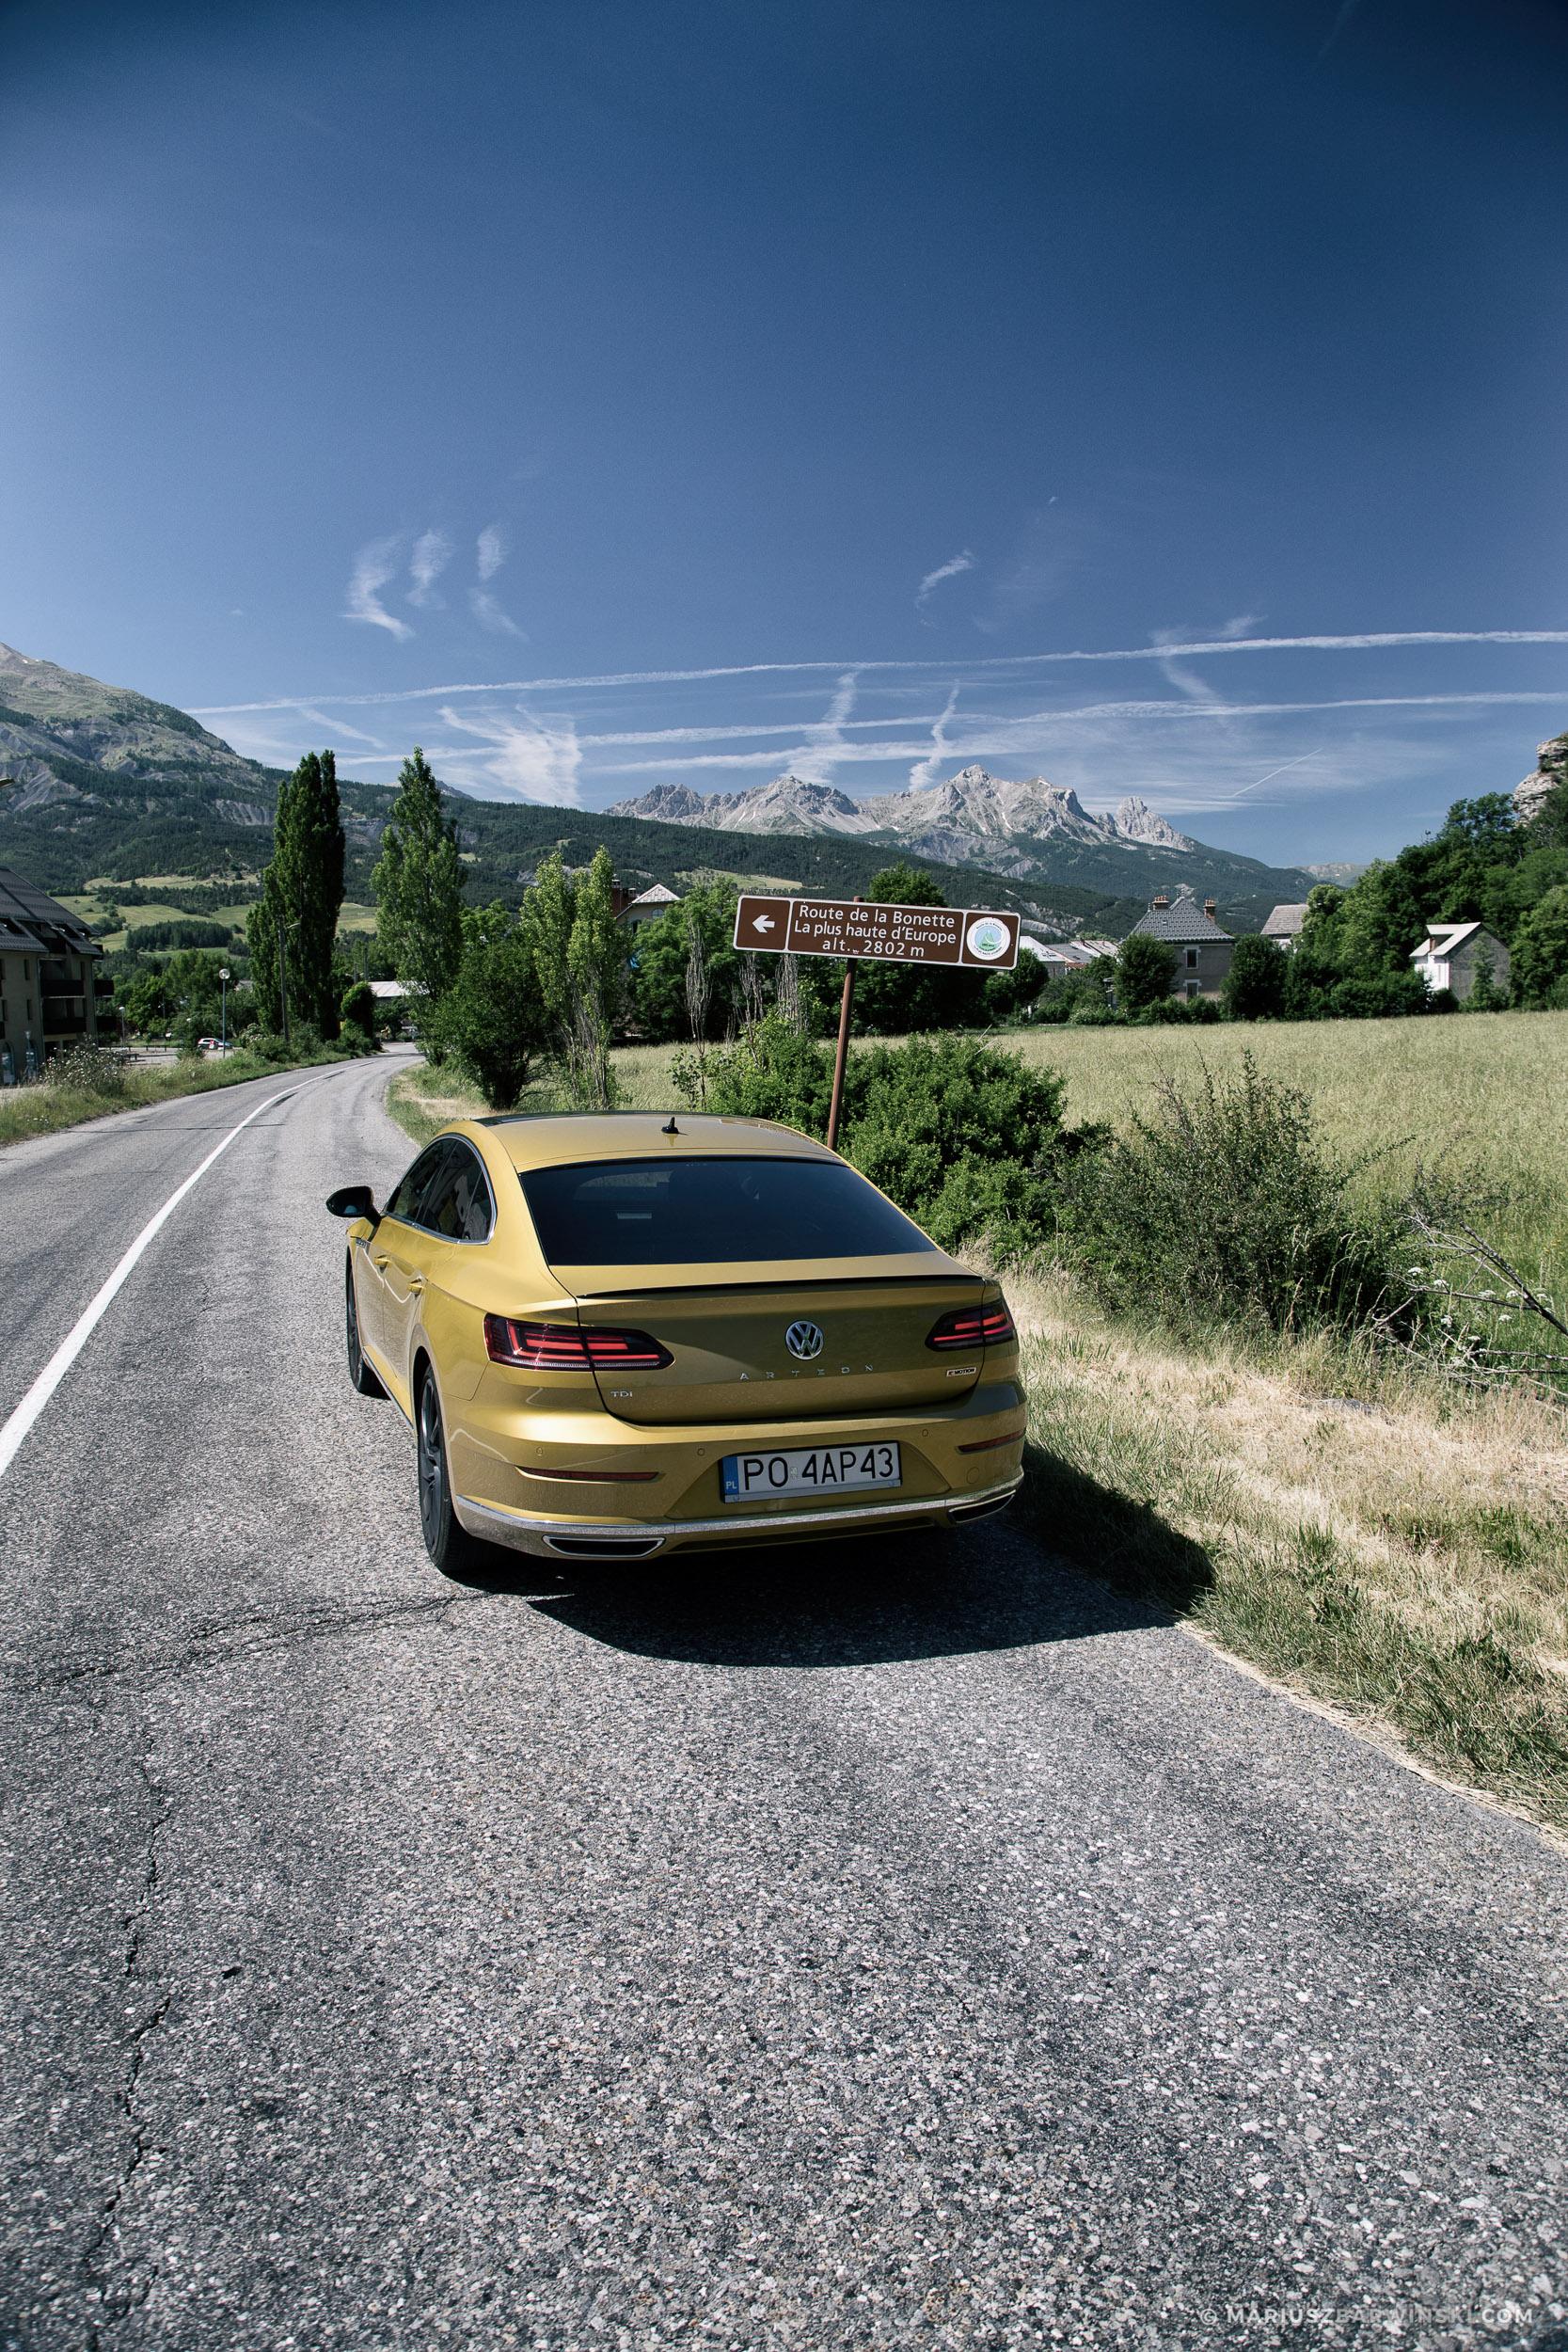 Najwyższa droga w Europie – Col de la Bonette.